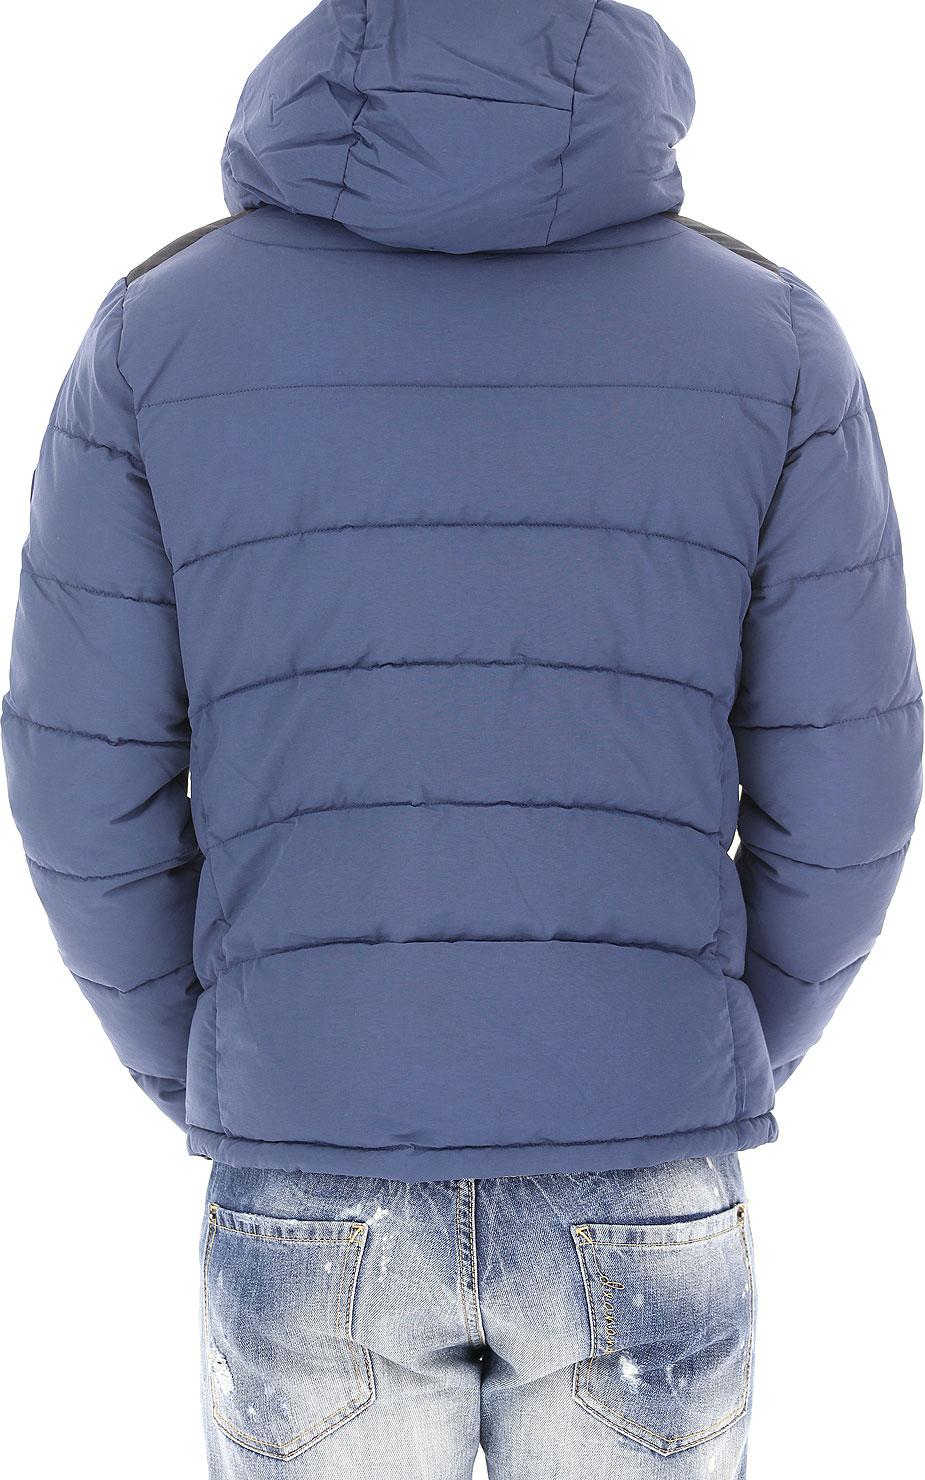 174cpmj00063n1610p Uomo Articolo Ciesse Ciesse Abbigliamento Abbigliamento Piumini 3049xp B579 Codice Uomo H8qw6Pq